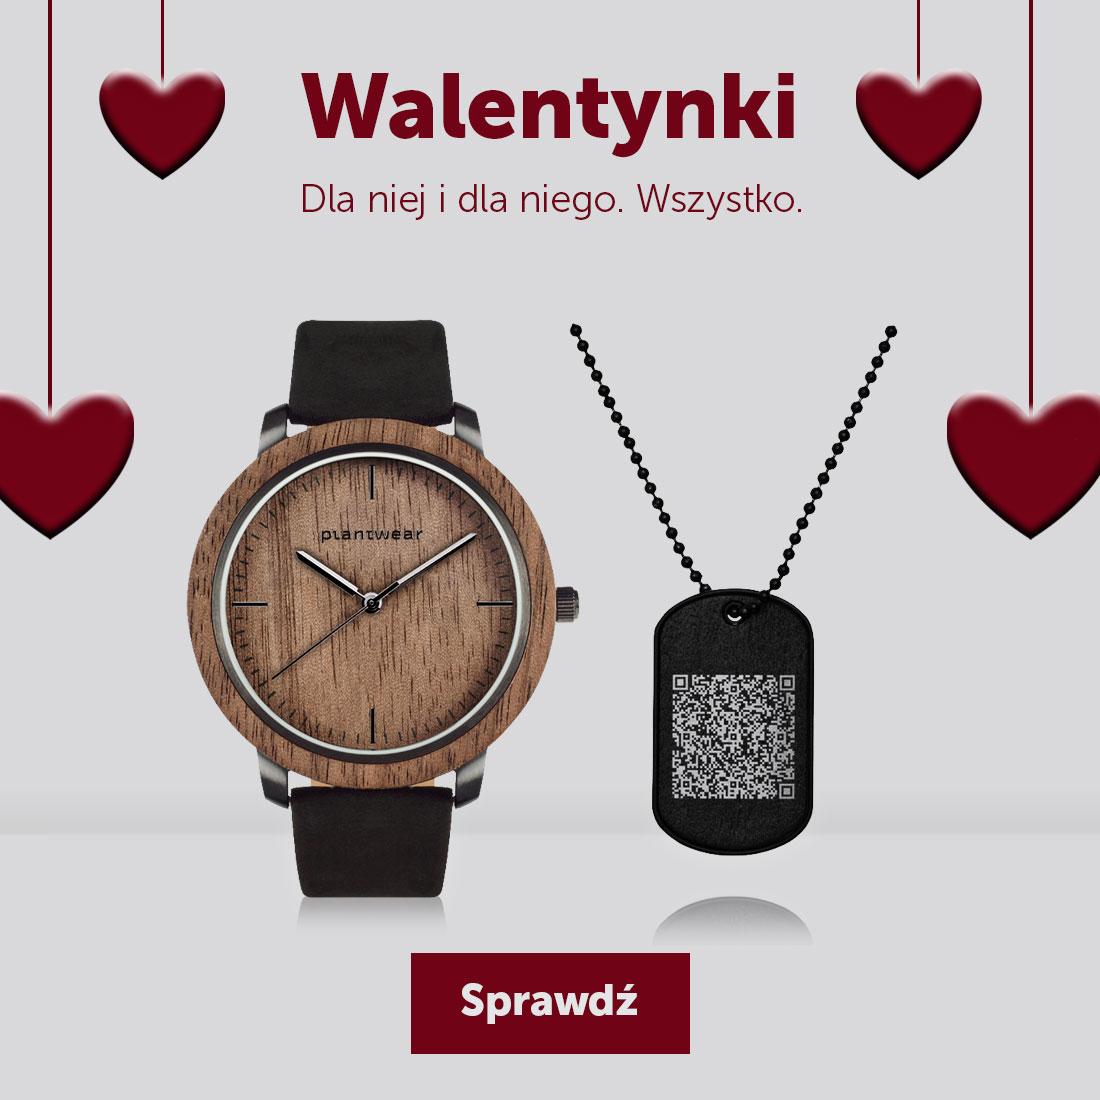 PL_SG_drewniane_zegarki_walentynki_1100x1100